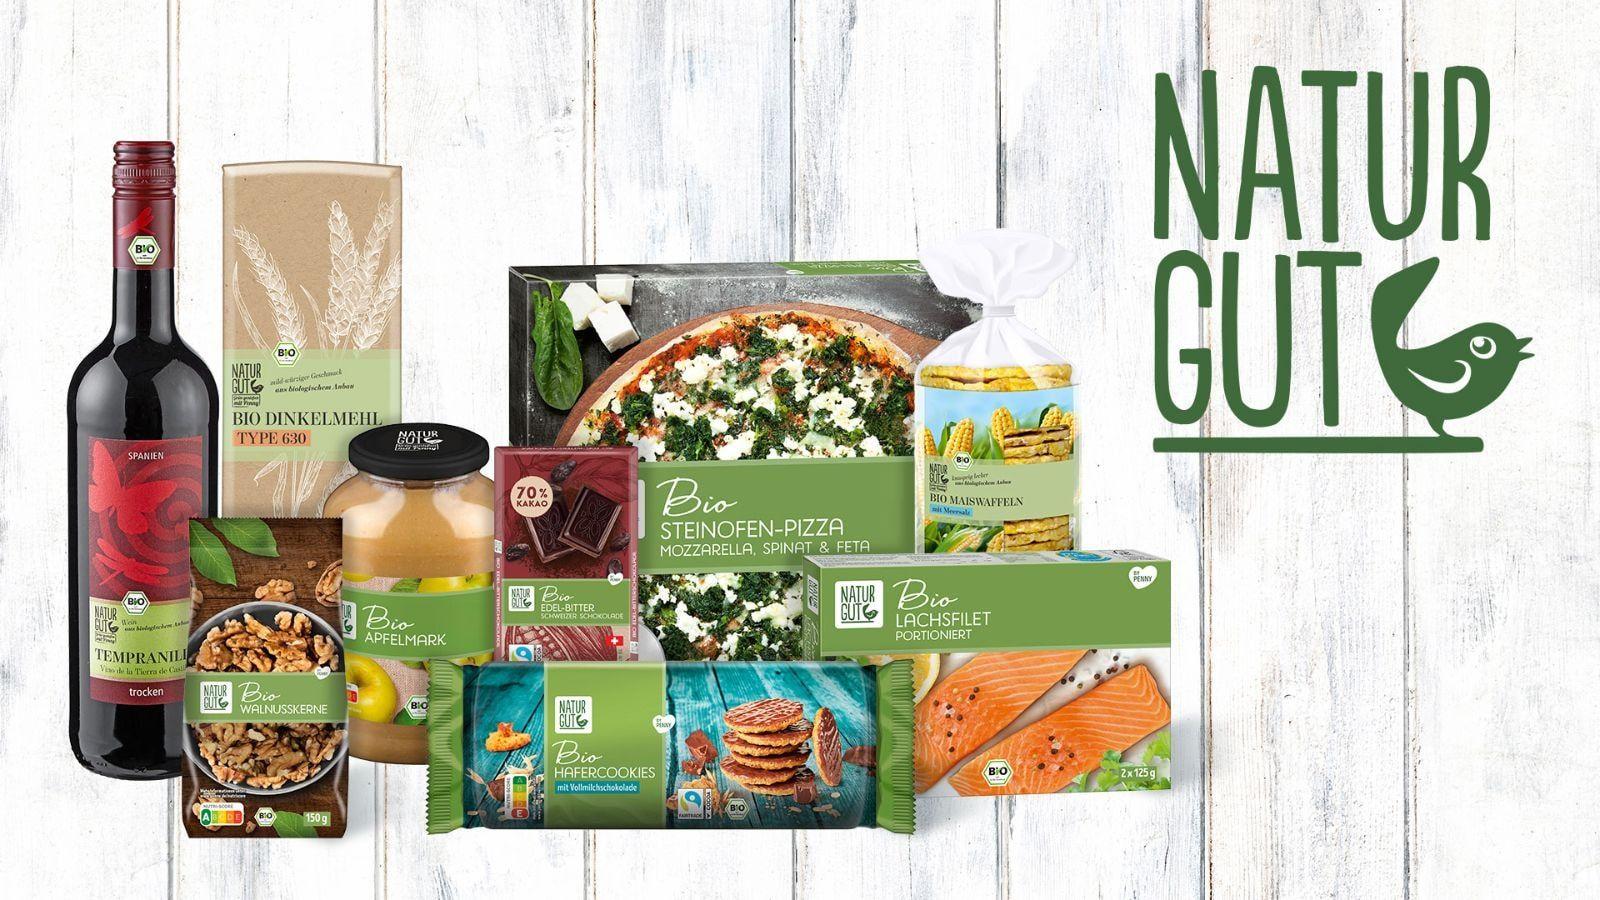 [Penny] 20 fach Payback Punkte auf Naturgut Bio Produkte im Penny Markt ab dem 10.05. | zusätzliche viele Angebote & Aktionsprodukte